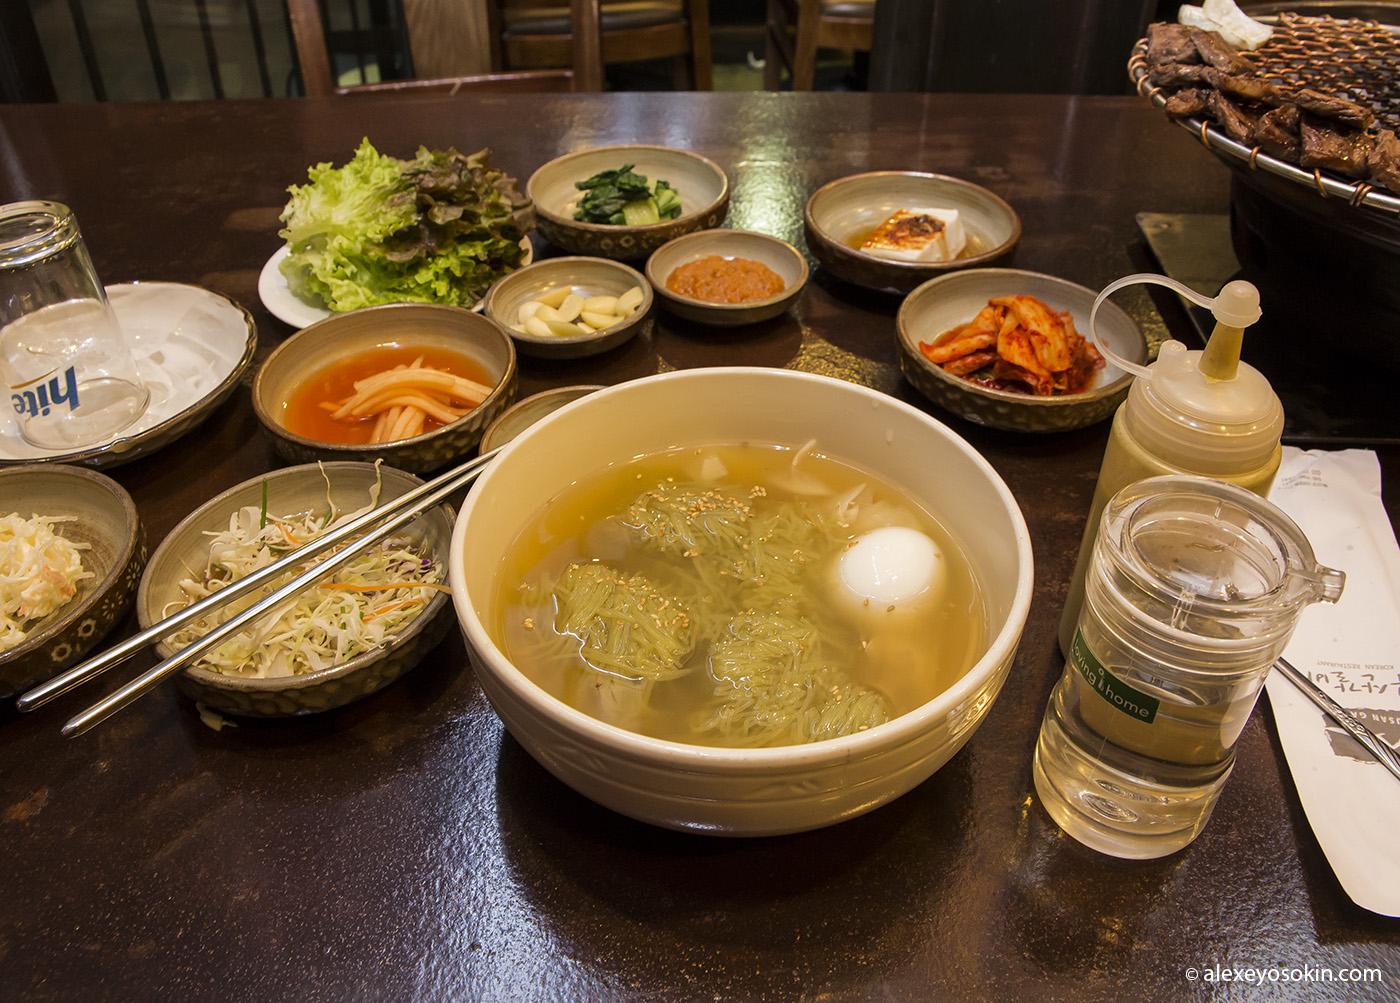 seoul_food_14_ao